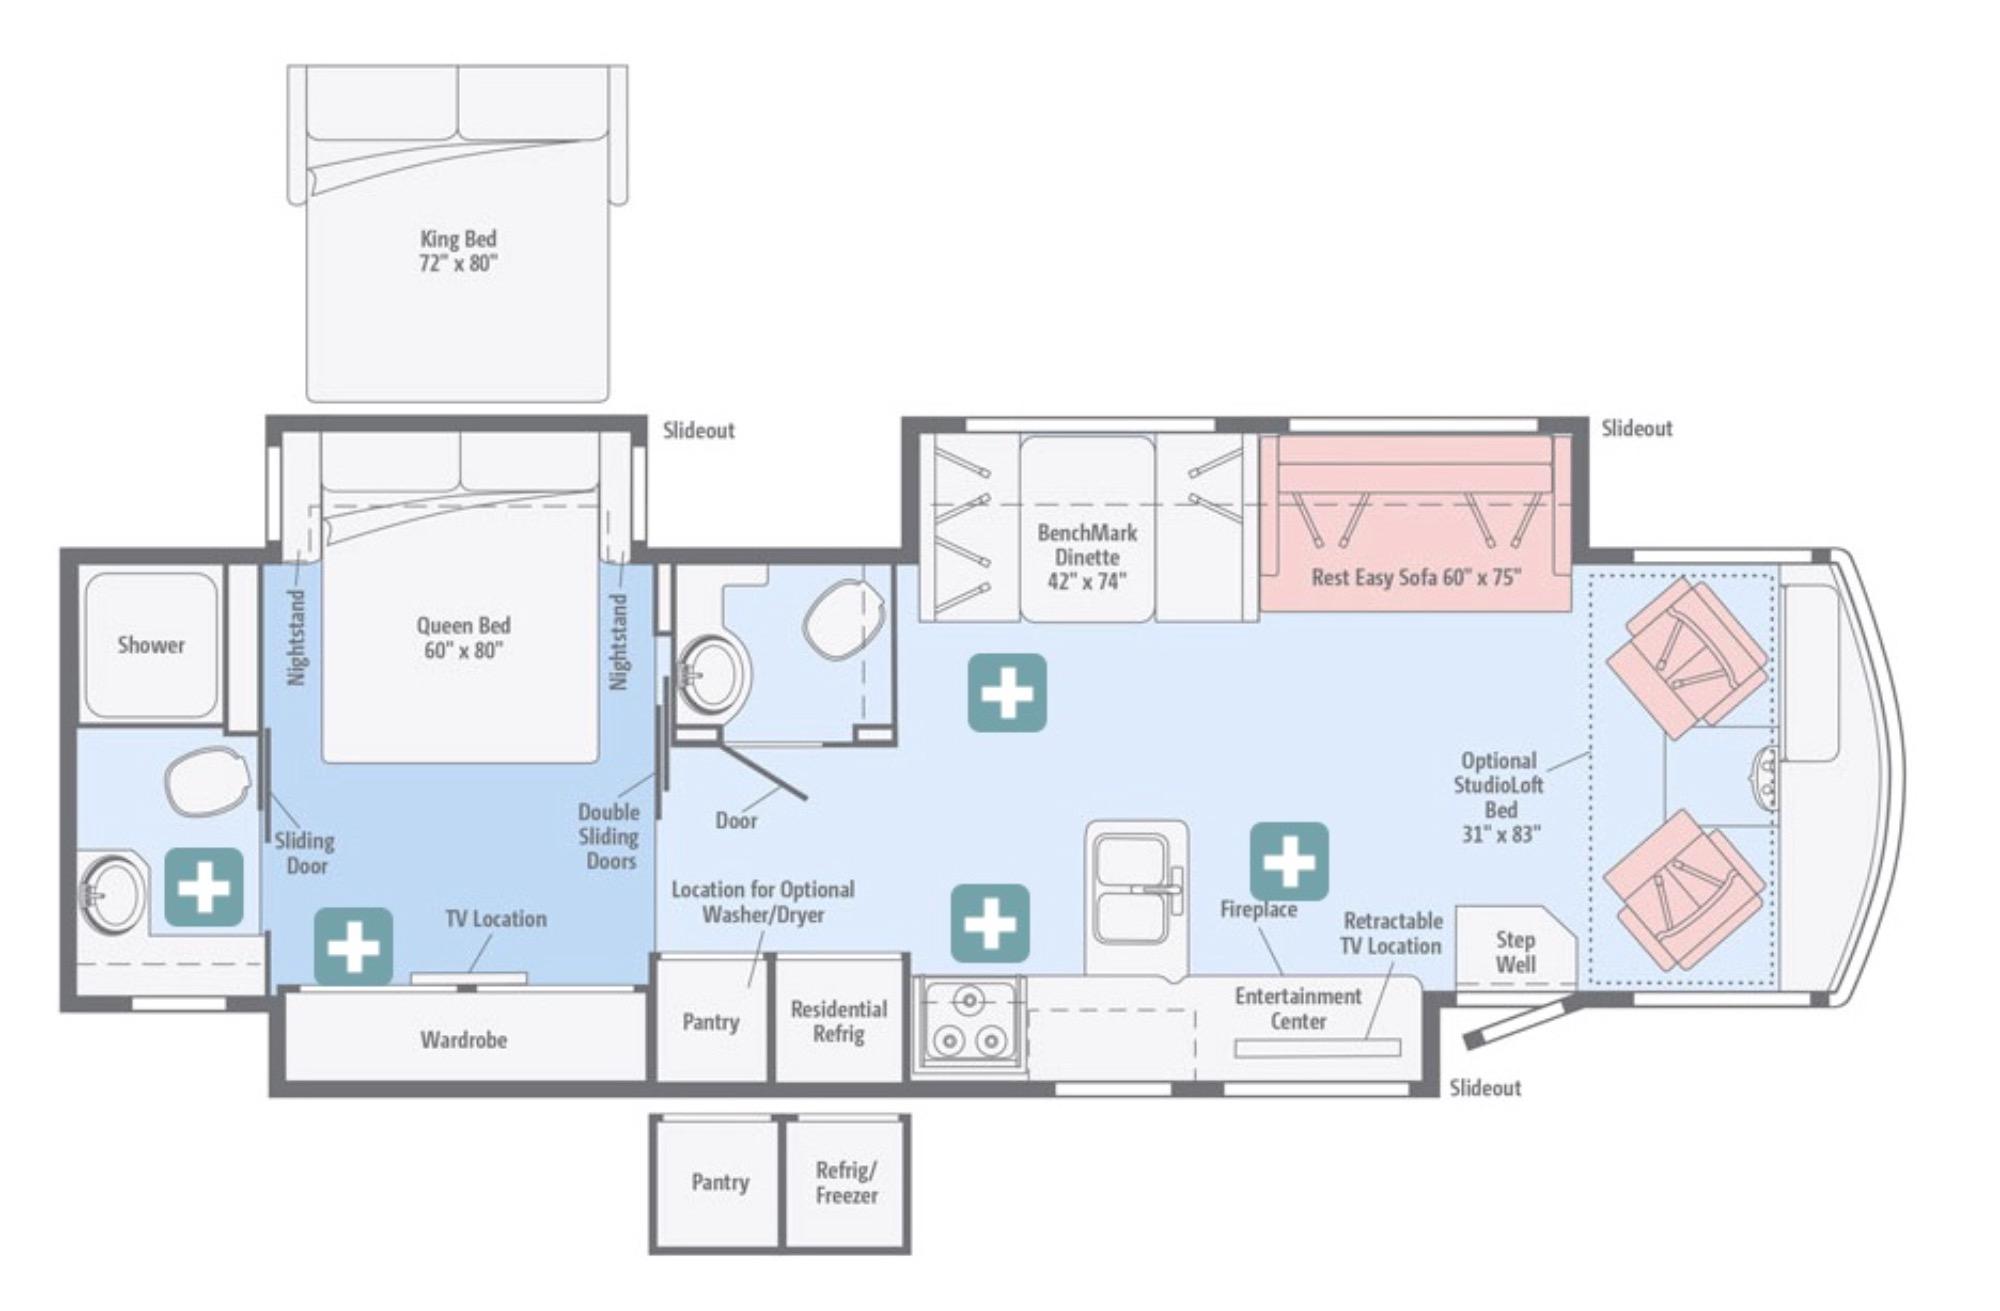 View Floor Plan for 2017 WINNEBAGO SUNOVA 36Z